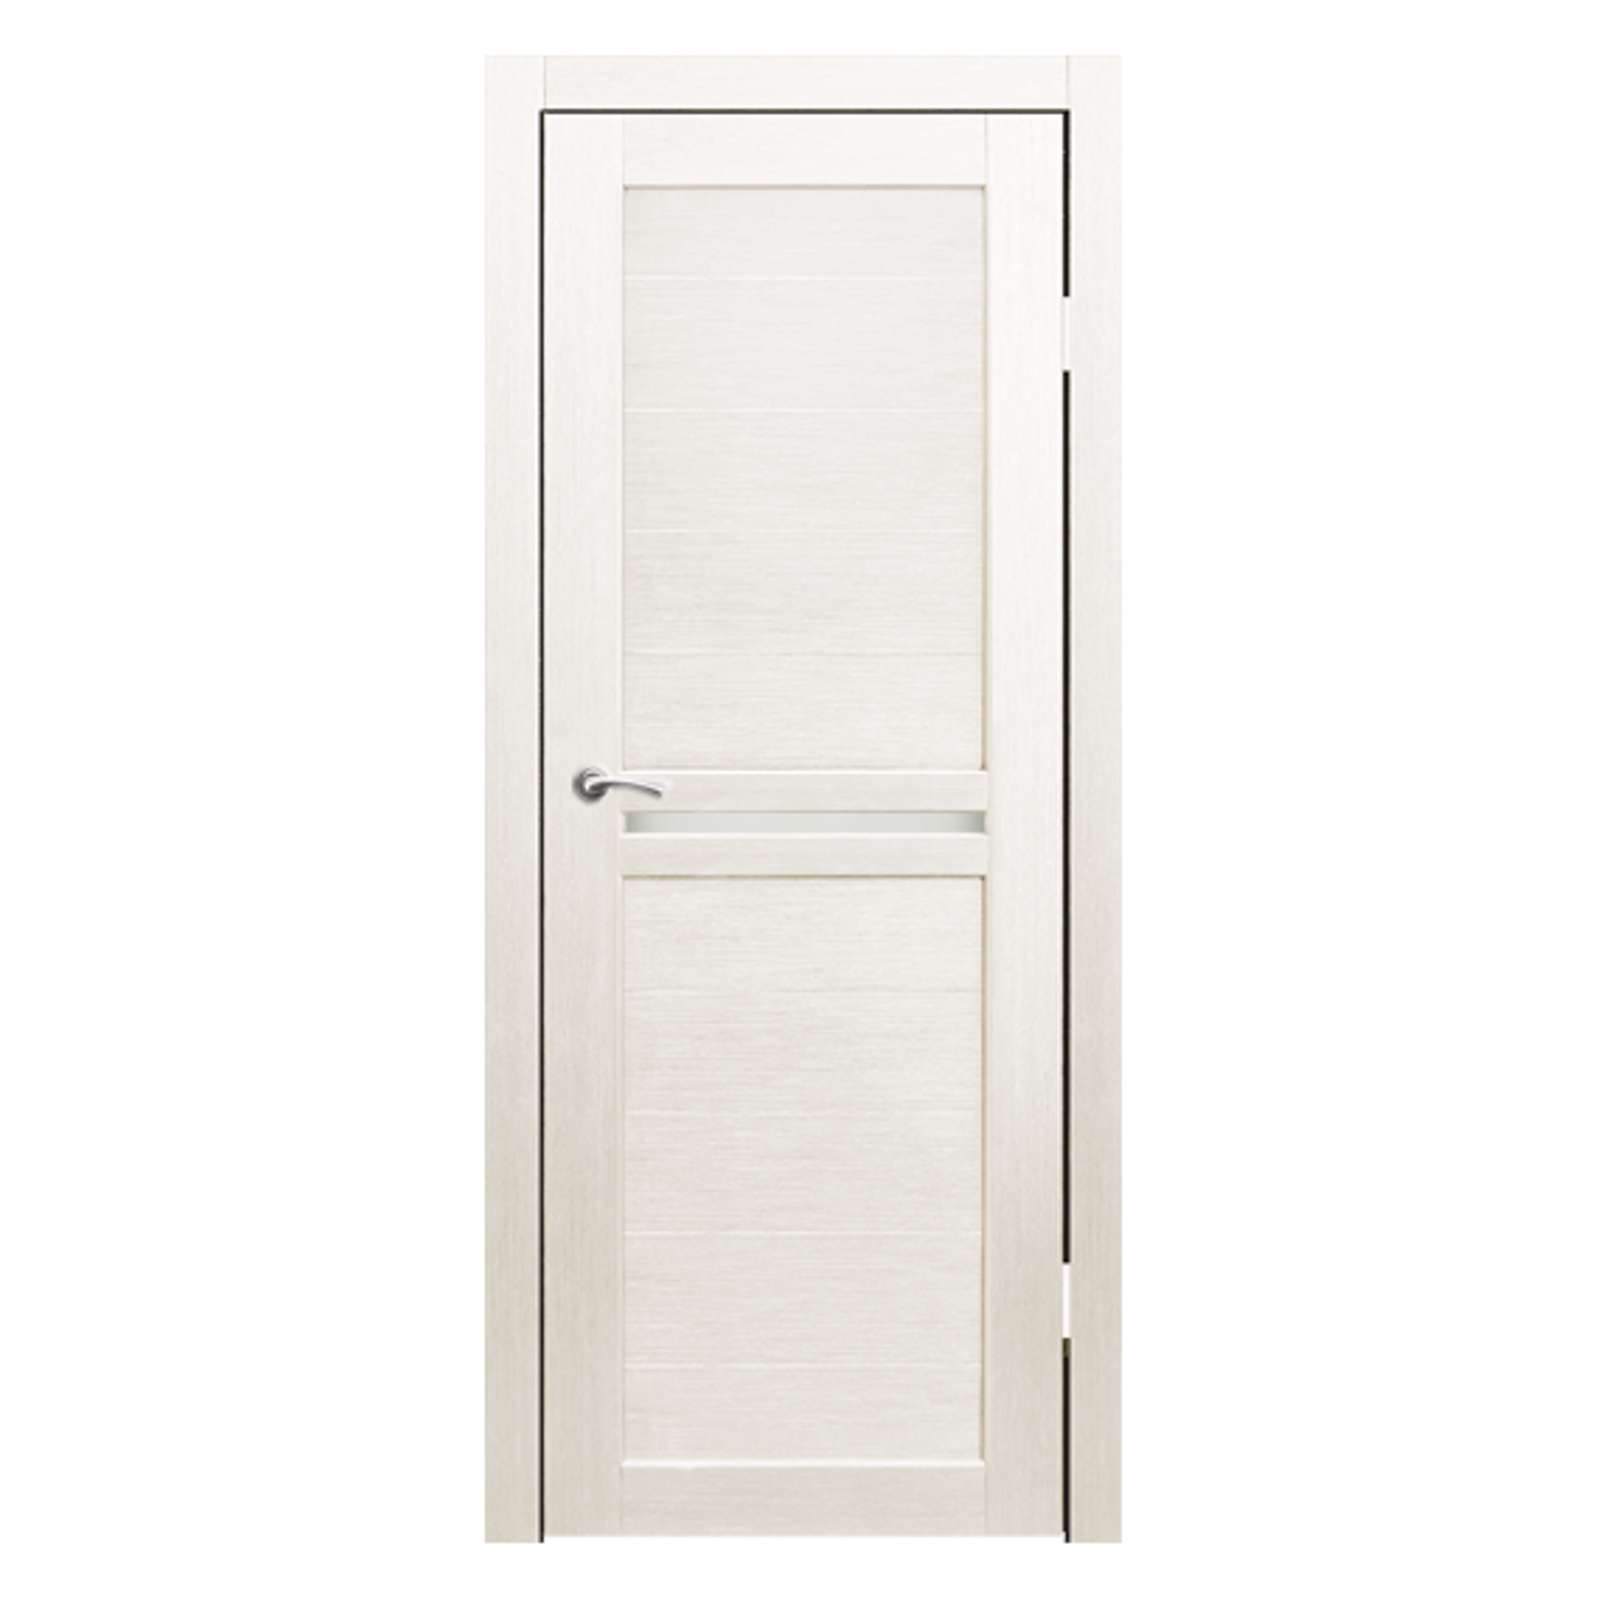 Дверное полотно Синержи Лацио, Дуб молочный, ПДГ 900Х2000ММ